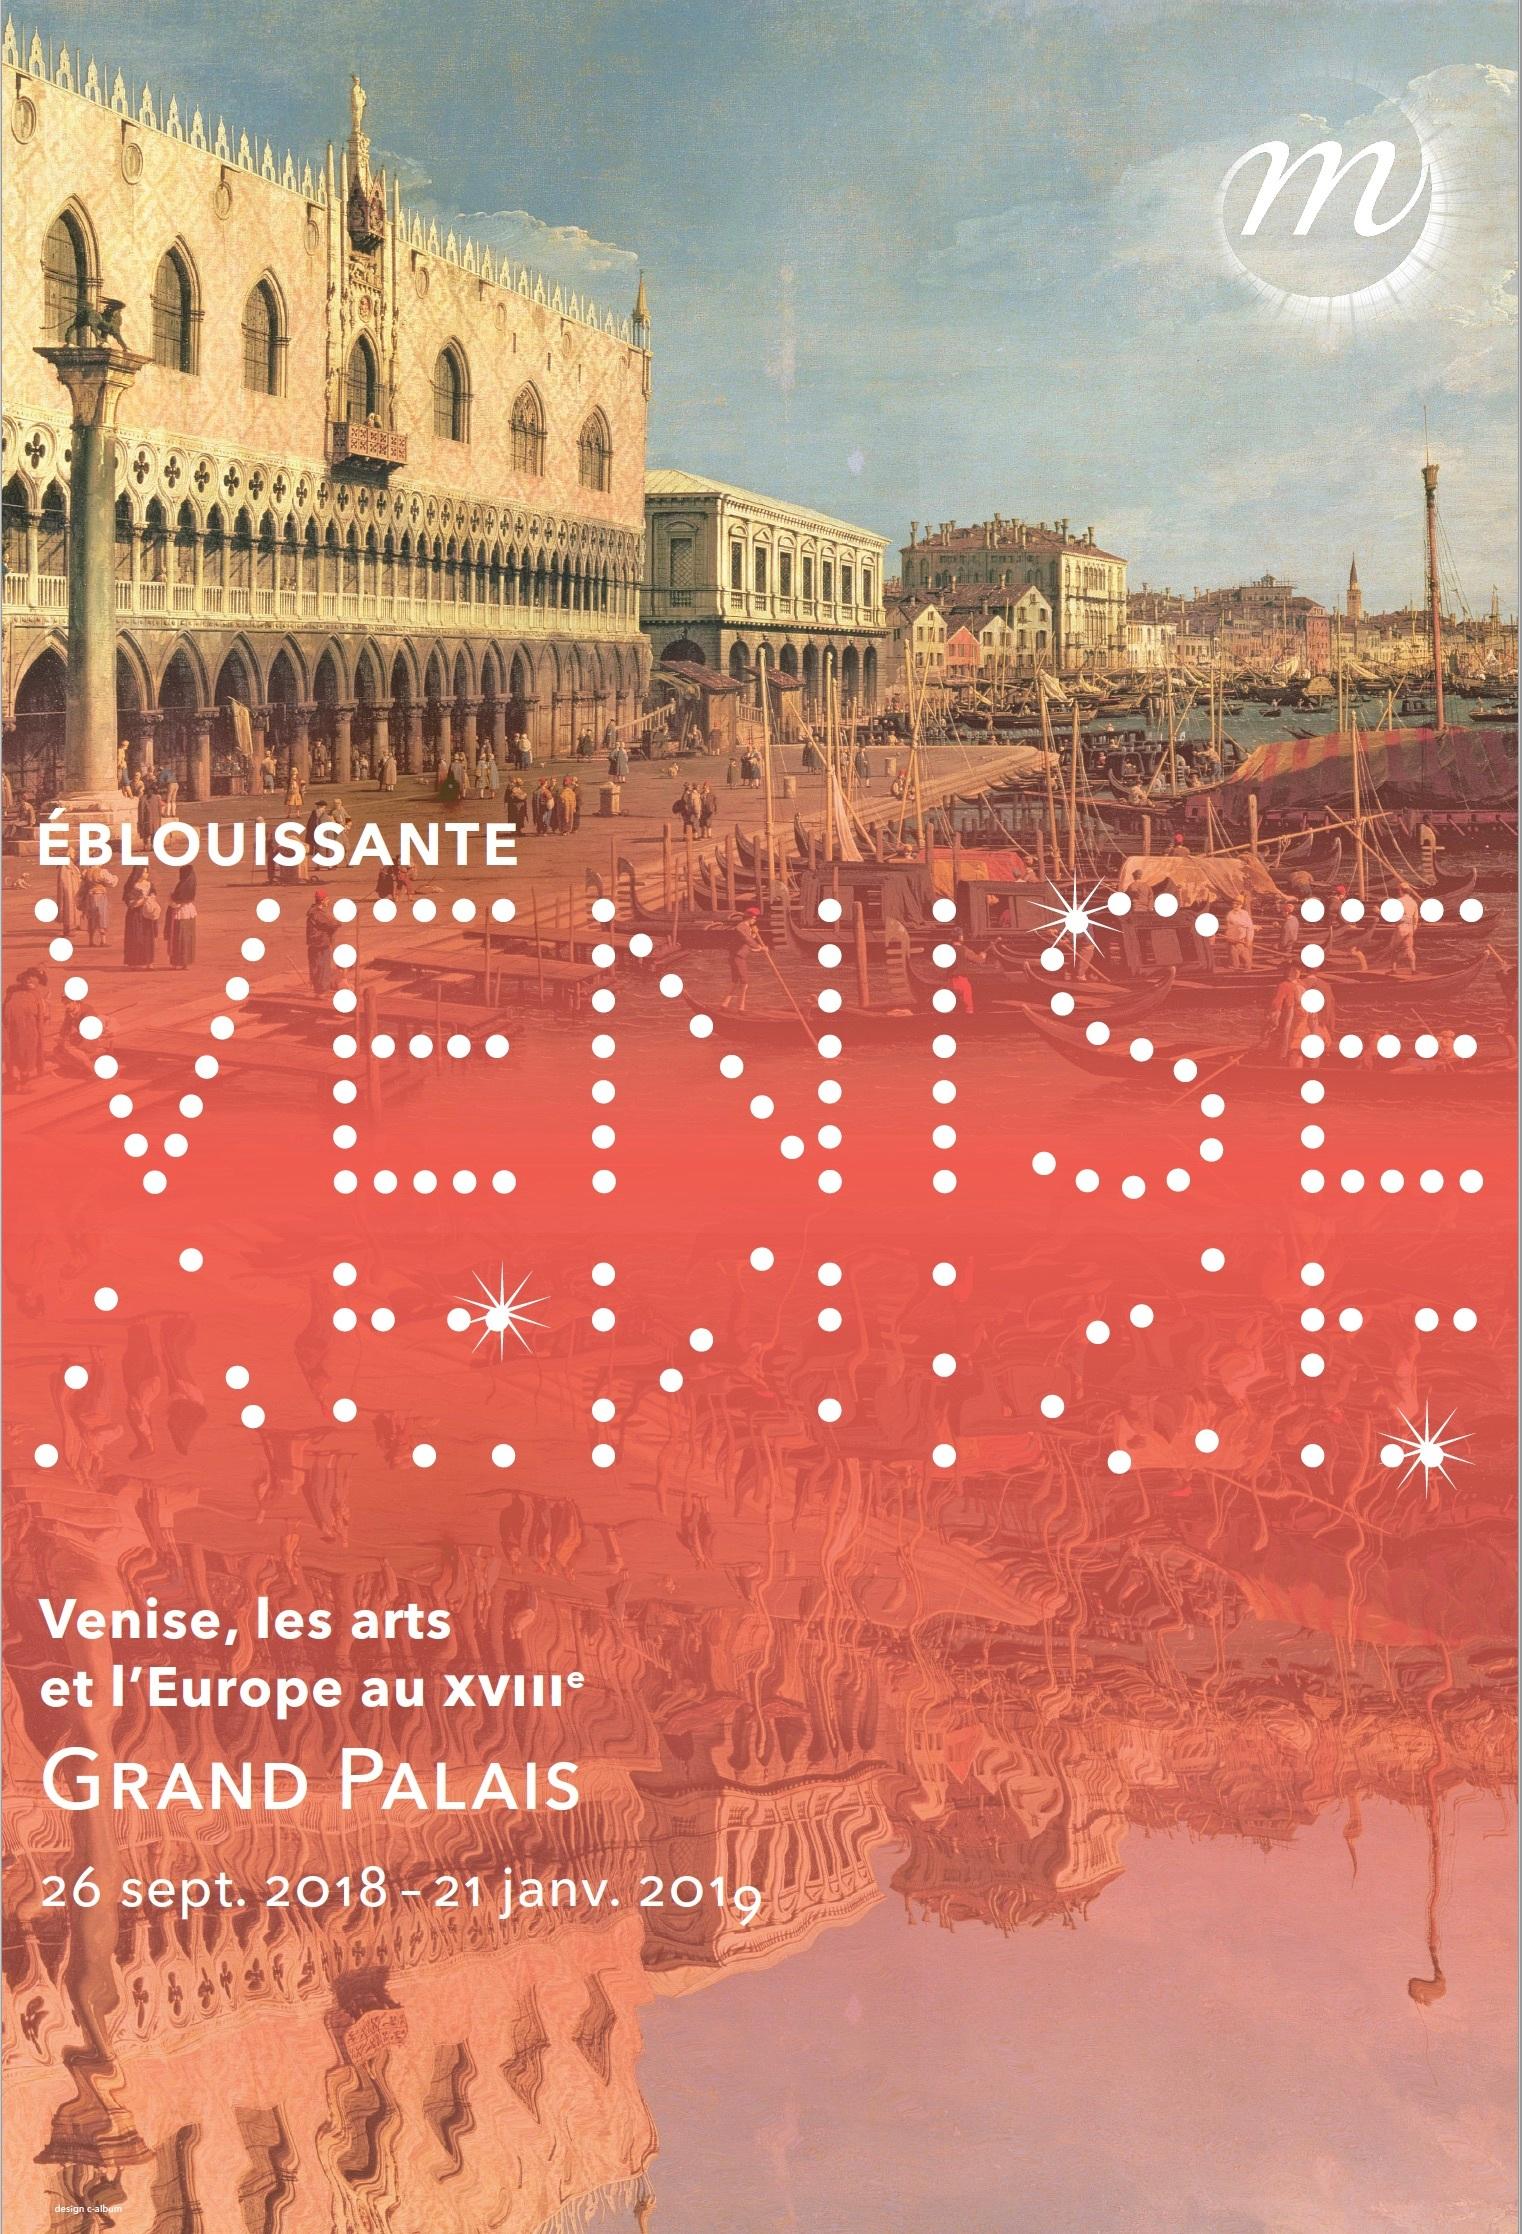 Éblouissante Venise Réunion des musées nationaux - Grand Palais 2018